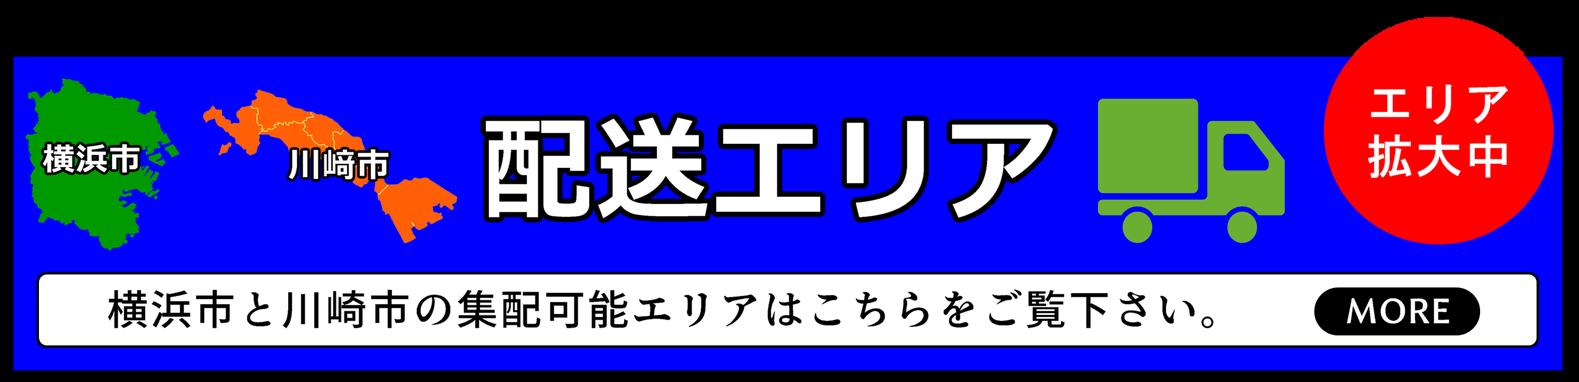 横浜市神奈川区・港北区・鶴見区・保土ヶ谷区・西区は無料配送、当日お伺いもできます。ただいまエリア15区に拡大中